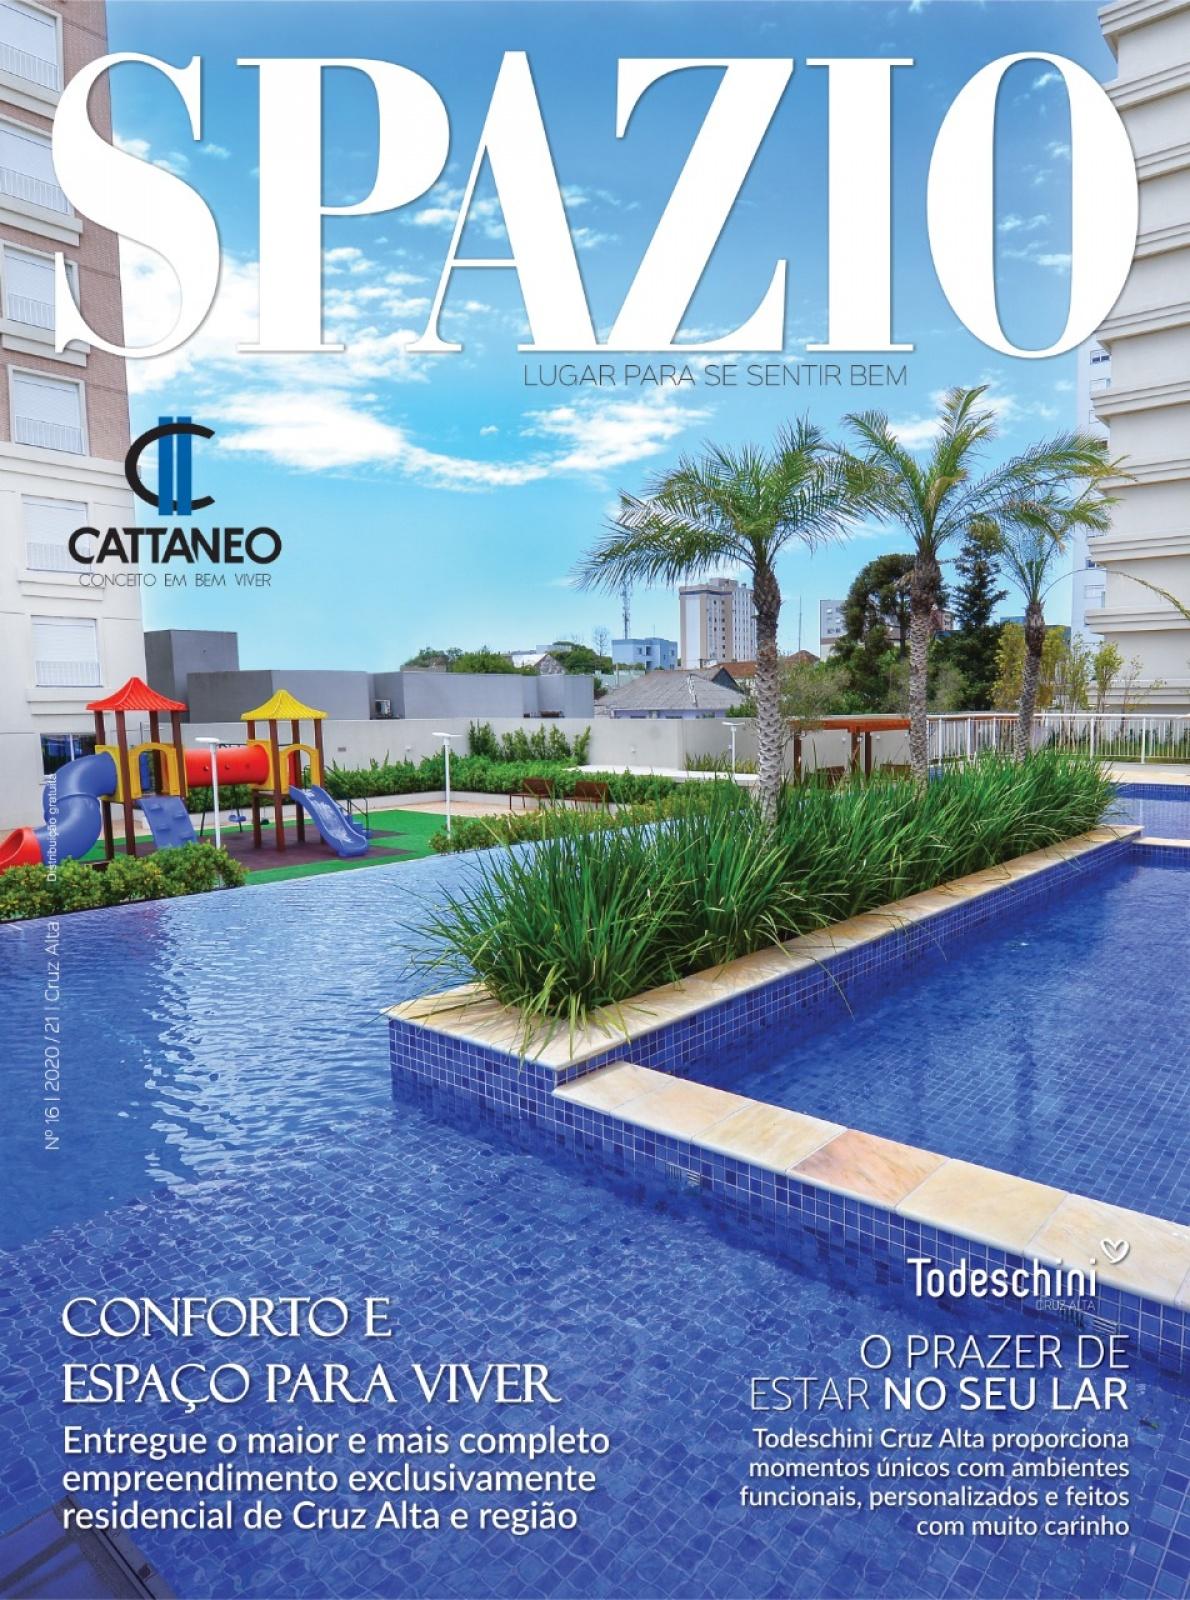 Confira a 16ª edição da Revista Spazio